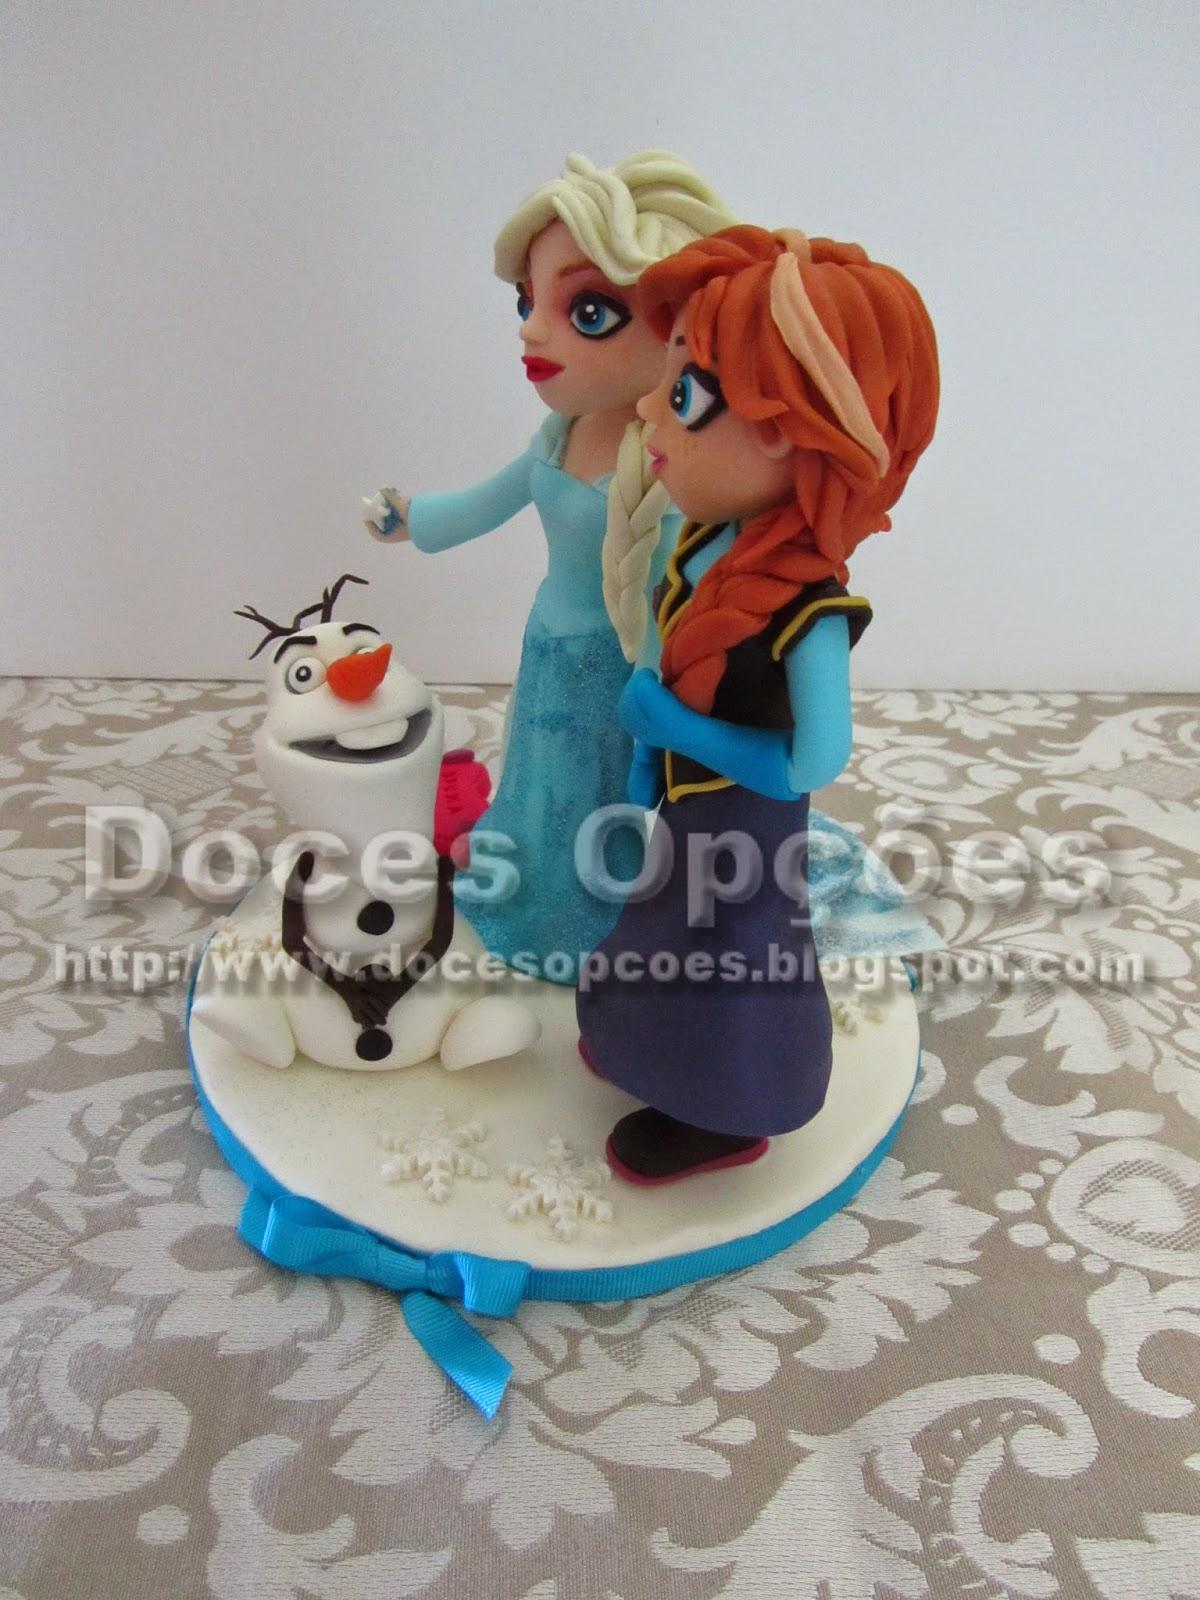 Figuras Disney's Frozen bragança